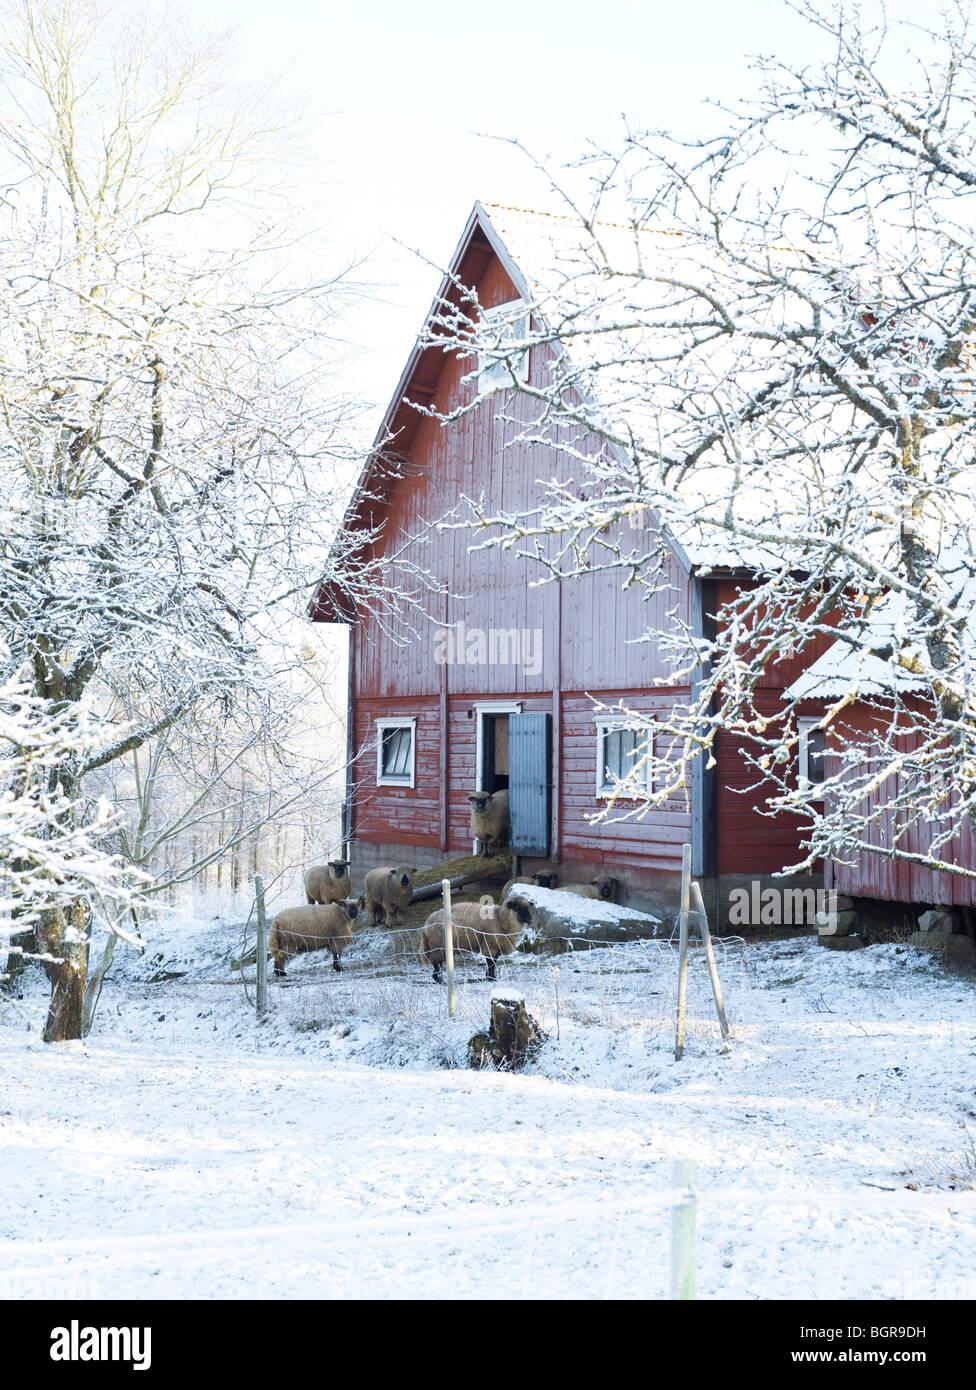 Sheep outside a farm, Sweden. - Stock Image